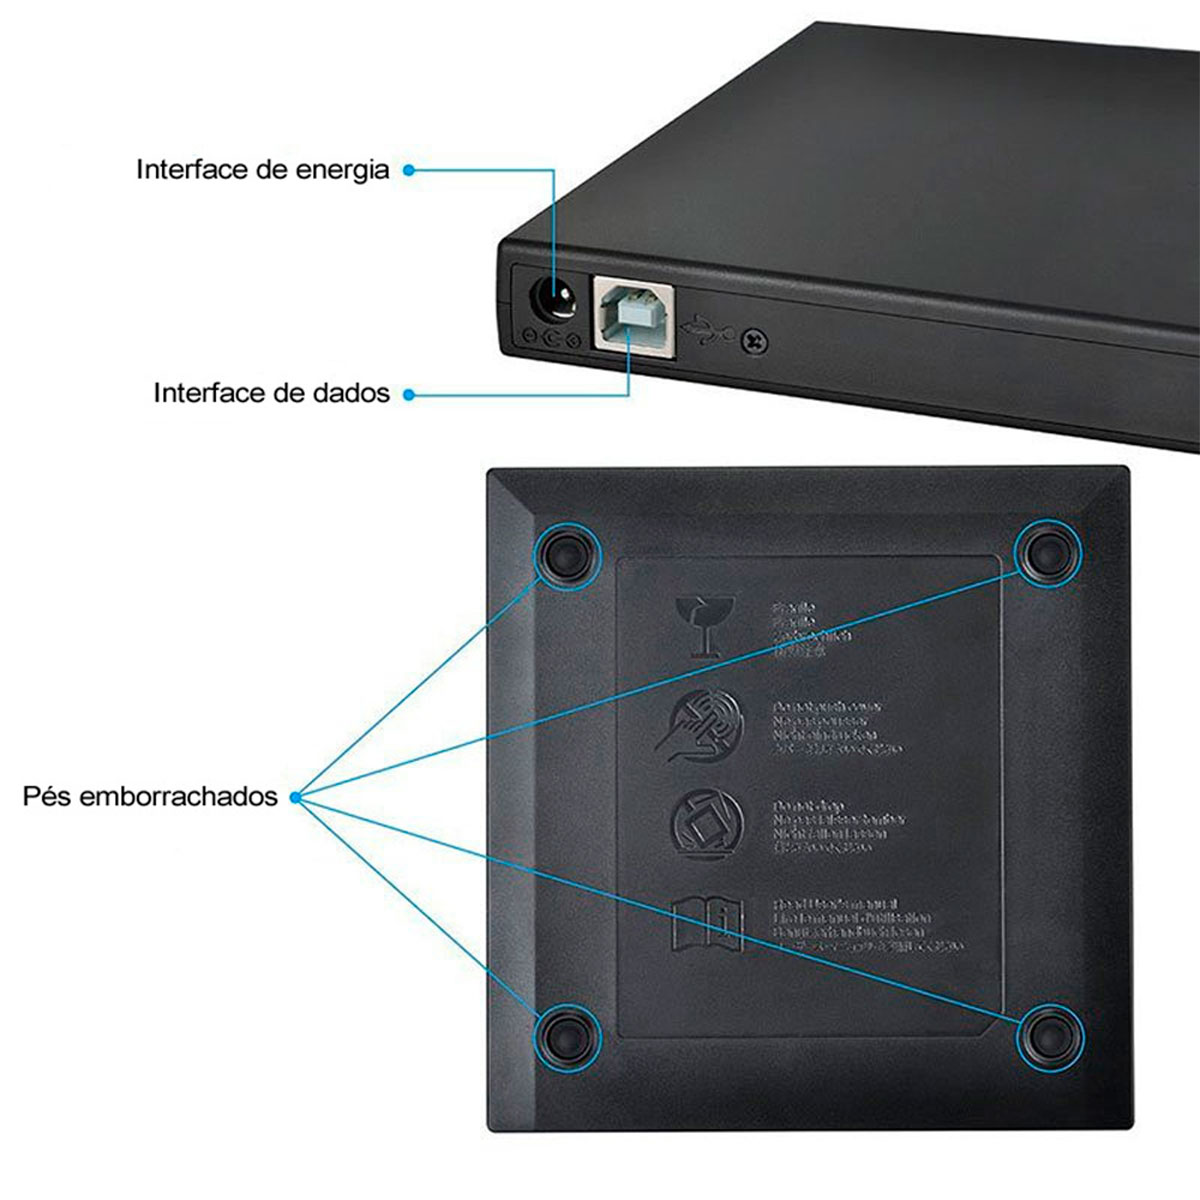 Gravador e Leitor de CD/DVD Externo Bluecase BGDE-02, Slim, USB 2.0, Preto